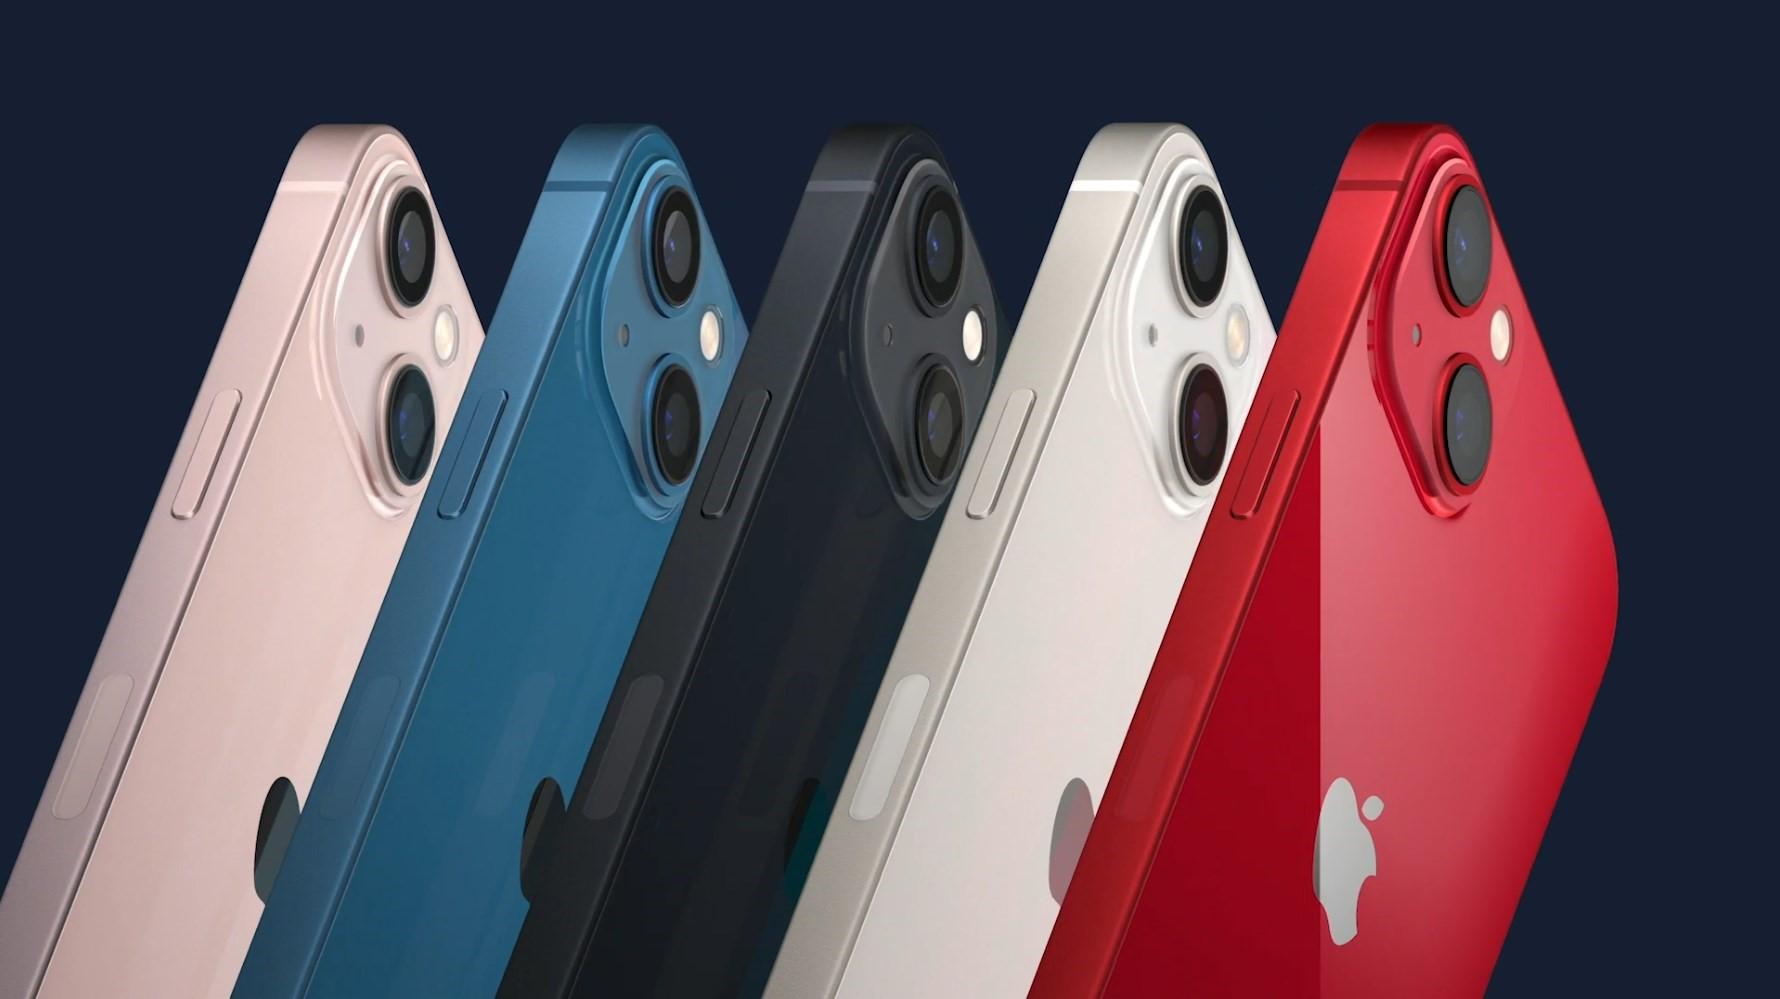 Ezek az iPhone 13 és 13 mini hivatalos árai - olcsóbb lett az új generáció!